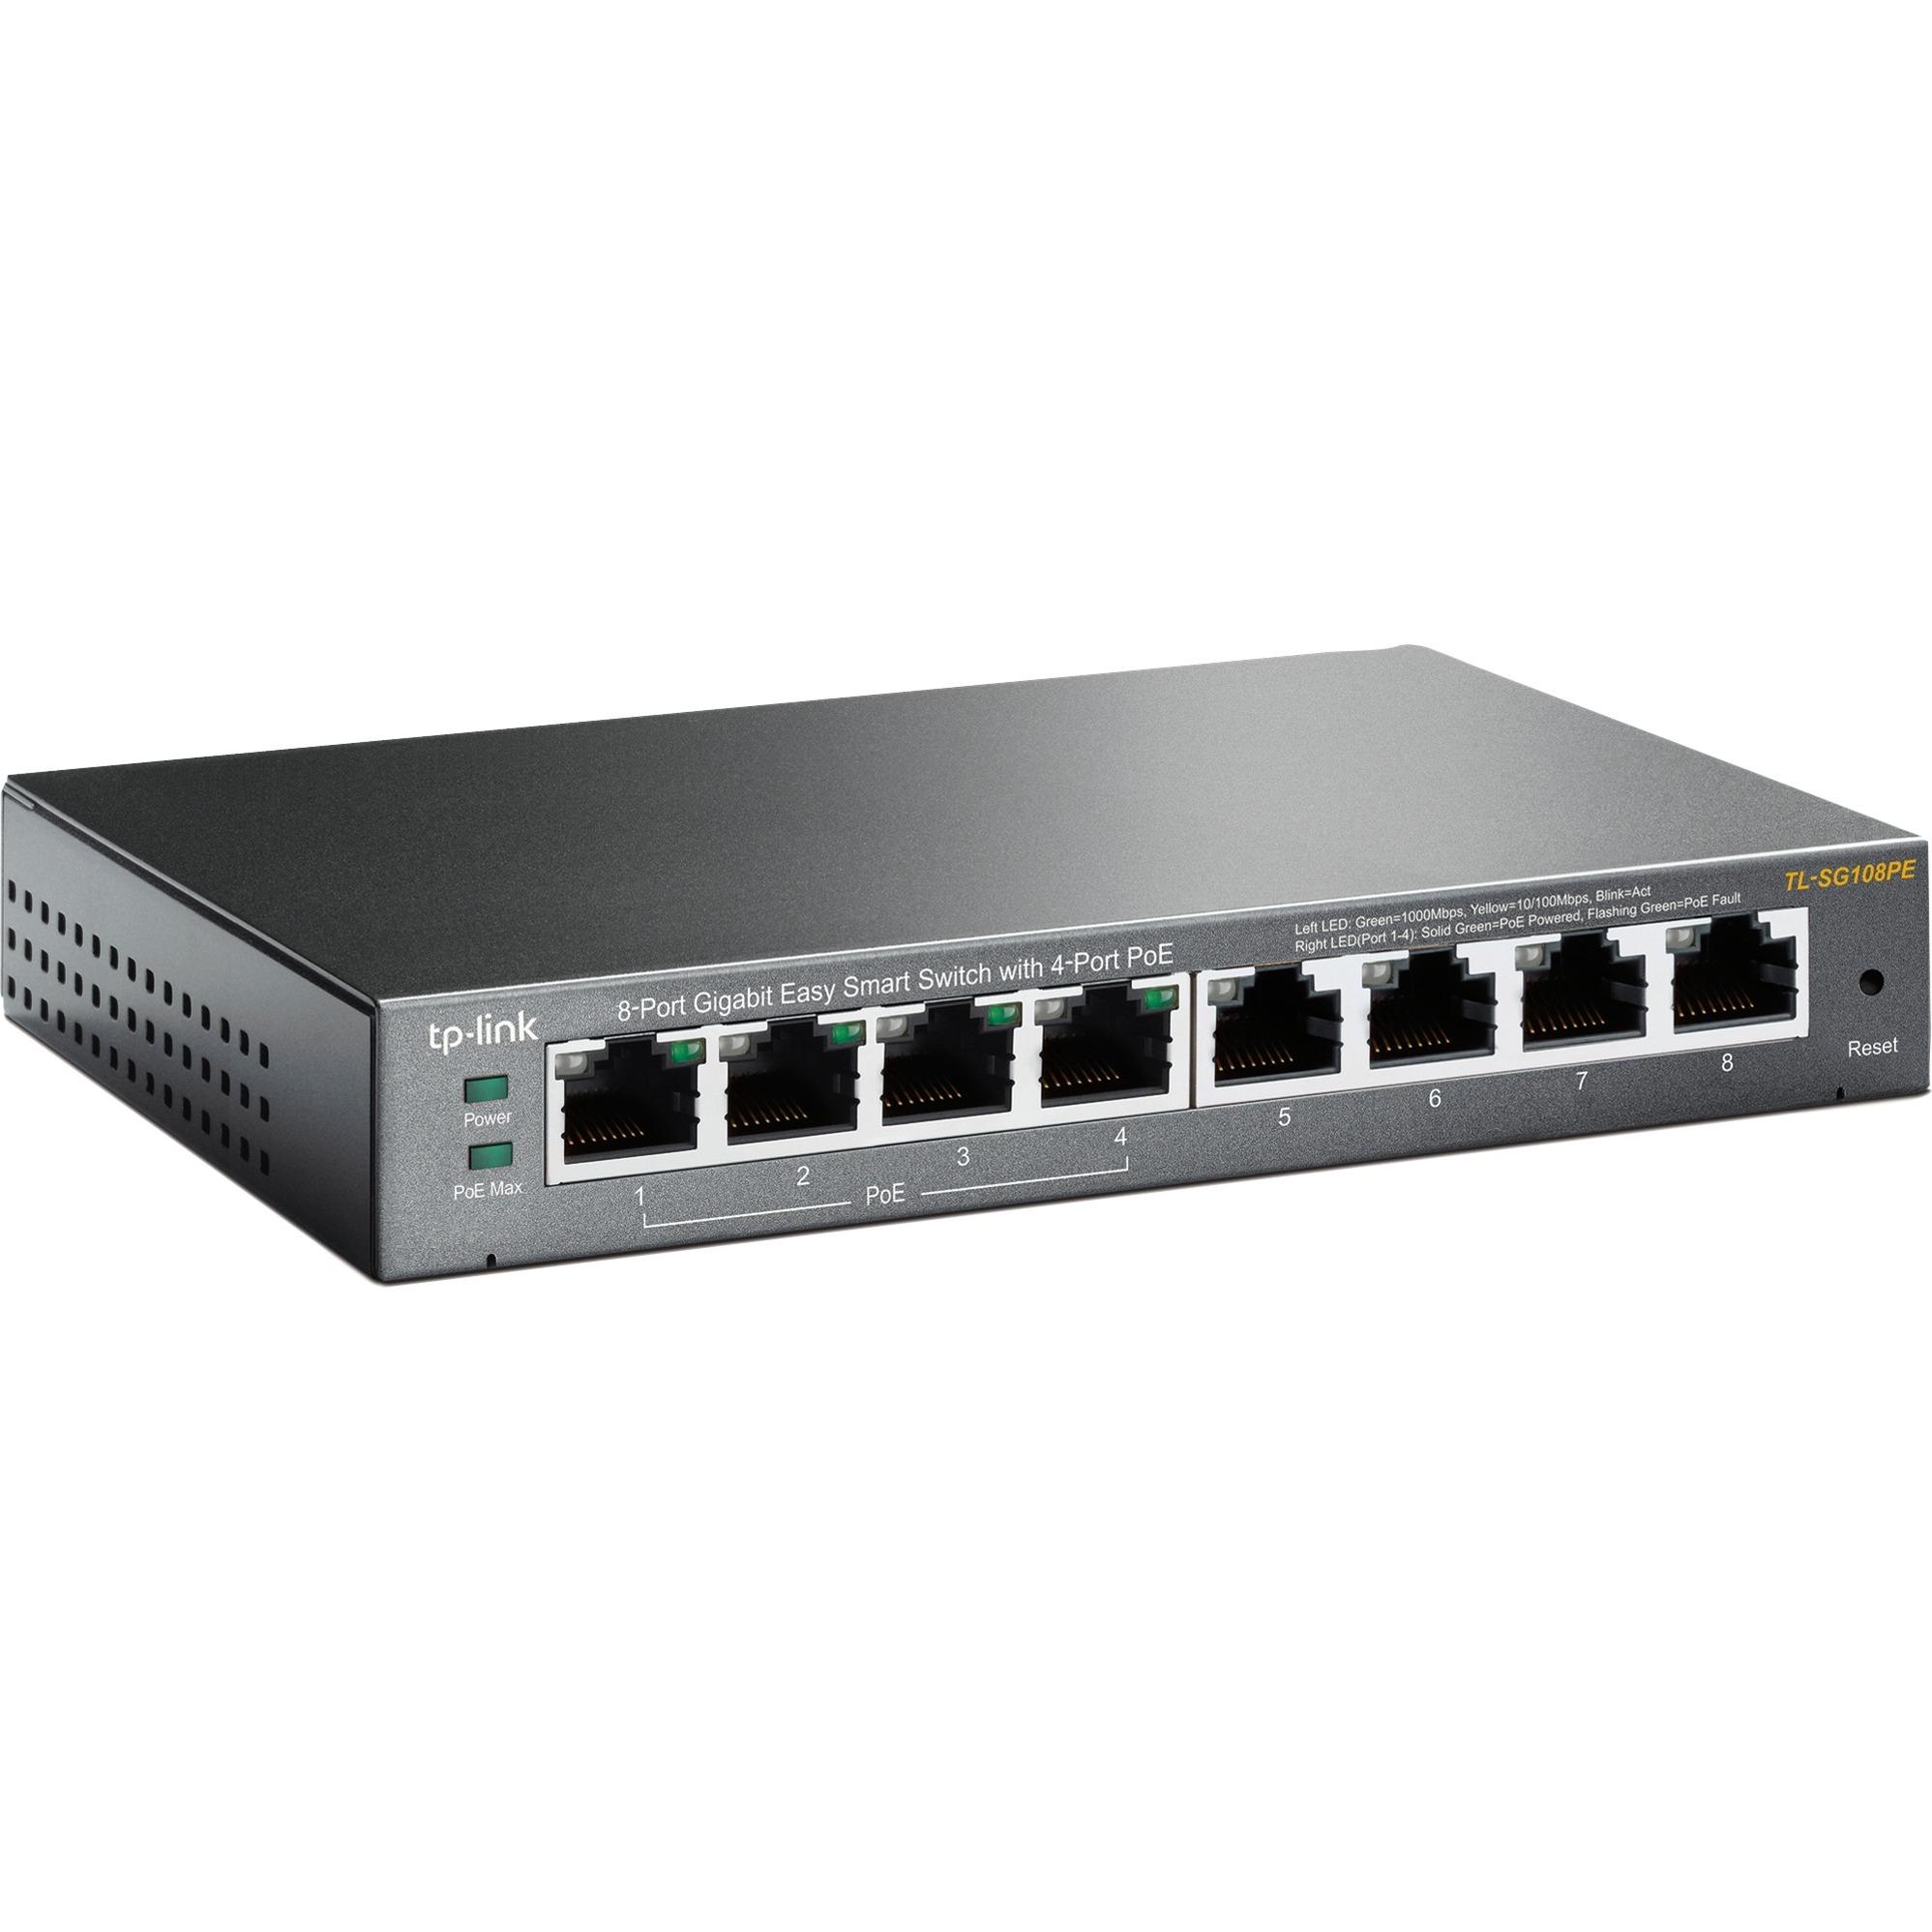 8-Port Gigabit Easy Smart Switch with 4-Port PoE Commutateur de réseau non géré Gigabit Ethernet (10/100/1000) Connexion Ethernet, supportant l'alimen